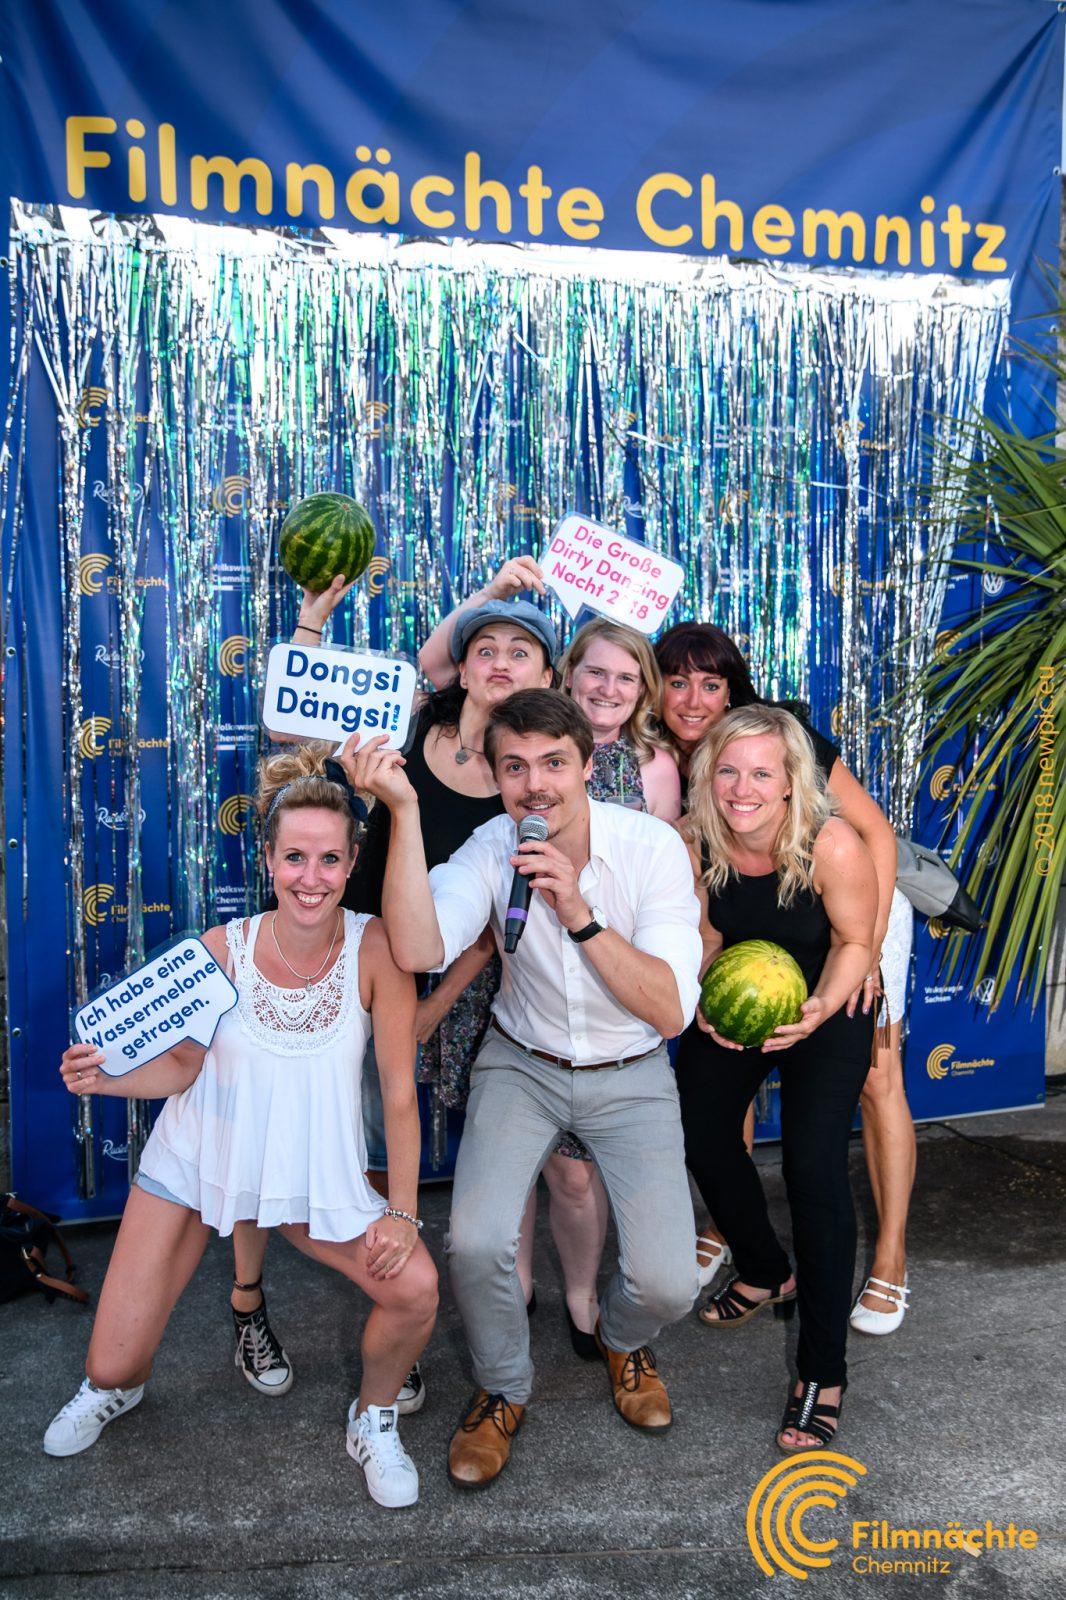 """Gruppenbild vor Filmnächte-Fotowand zu """"Dirty Dancing"""" mit Utensilien wie Wassermelone"""